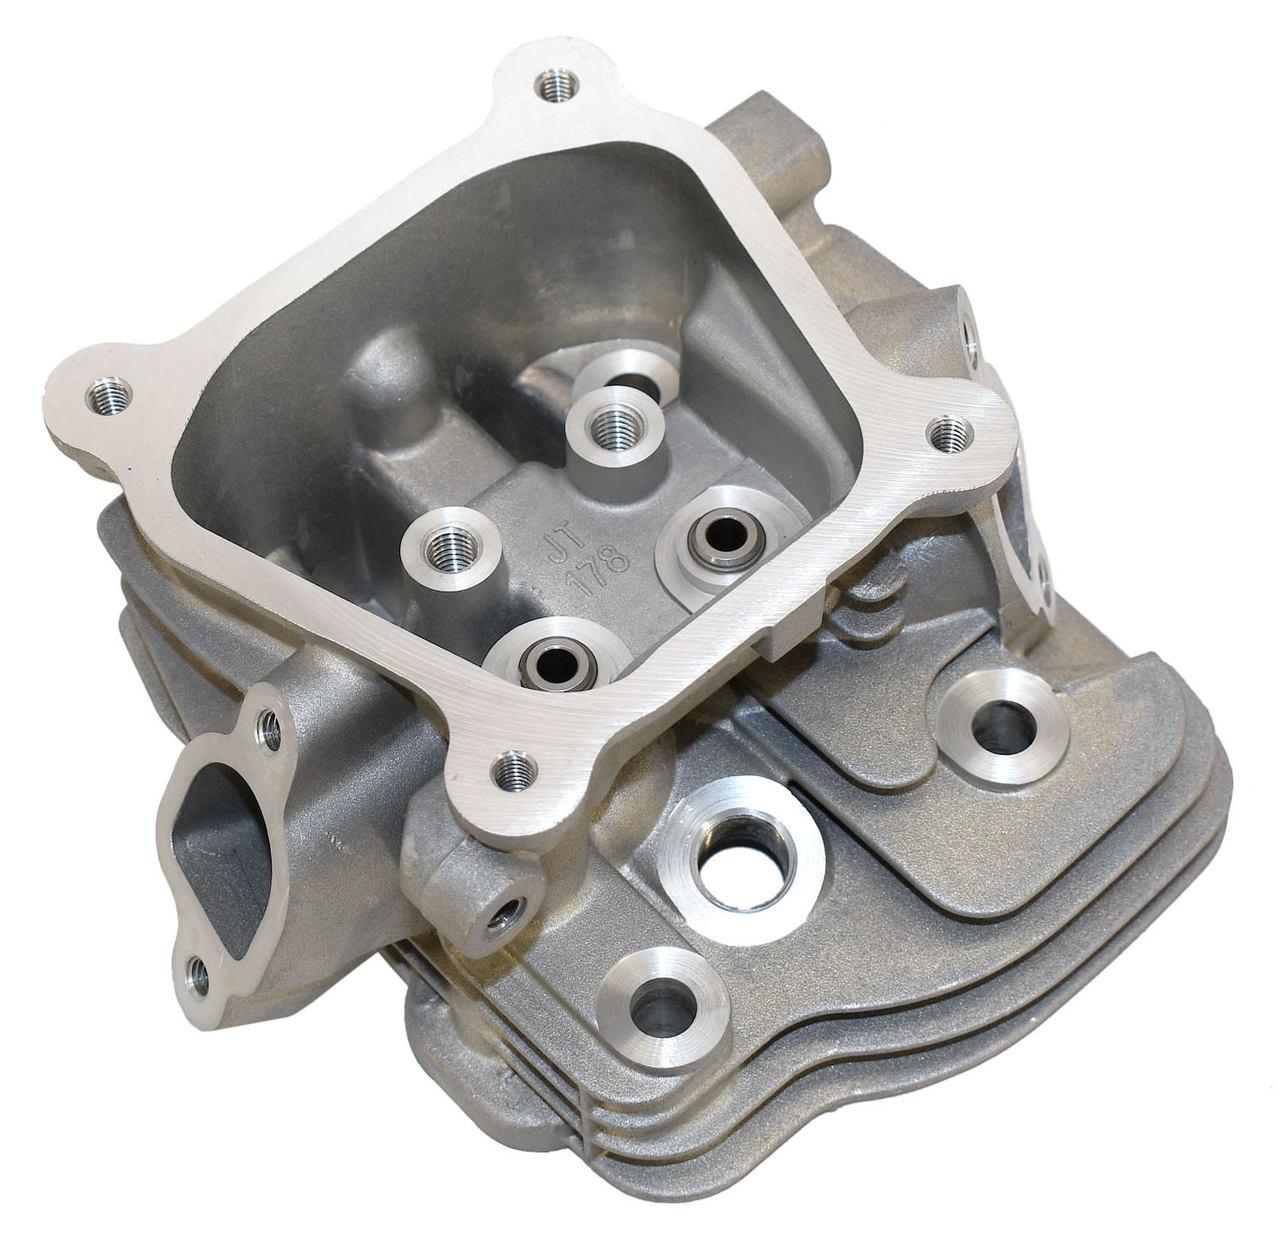 Head, Stock (27mm-25mm valves)